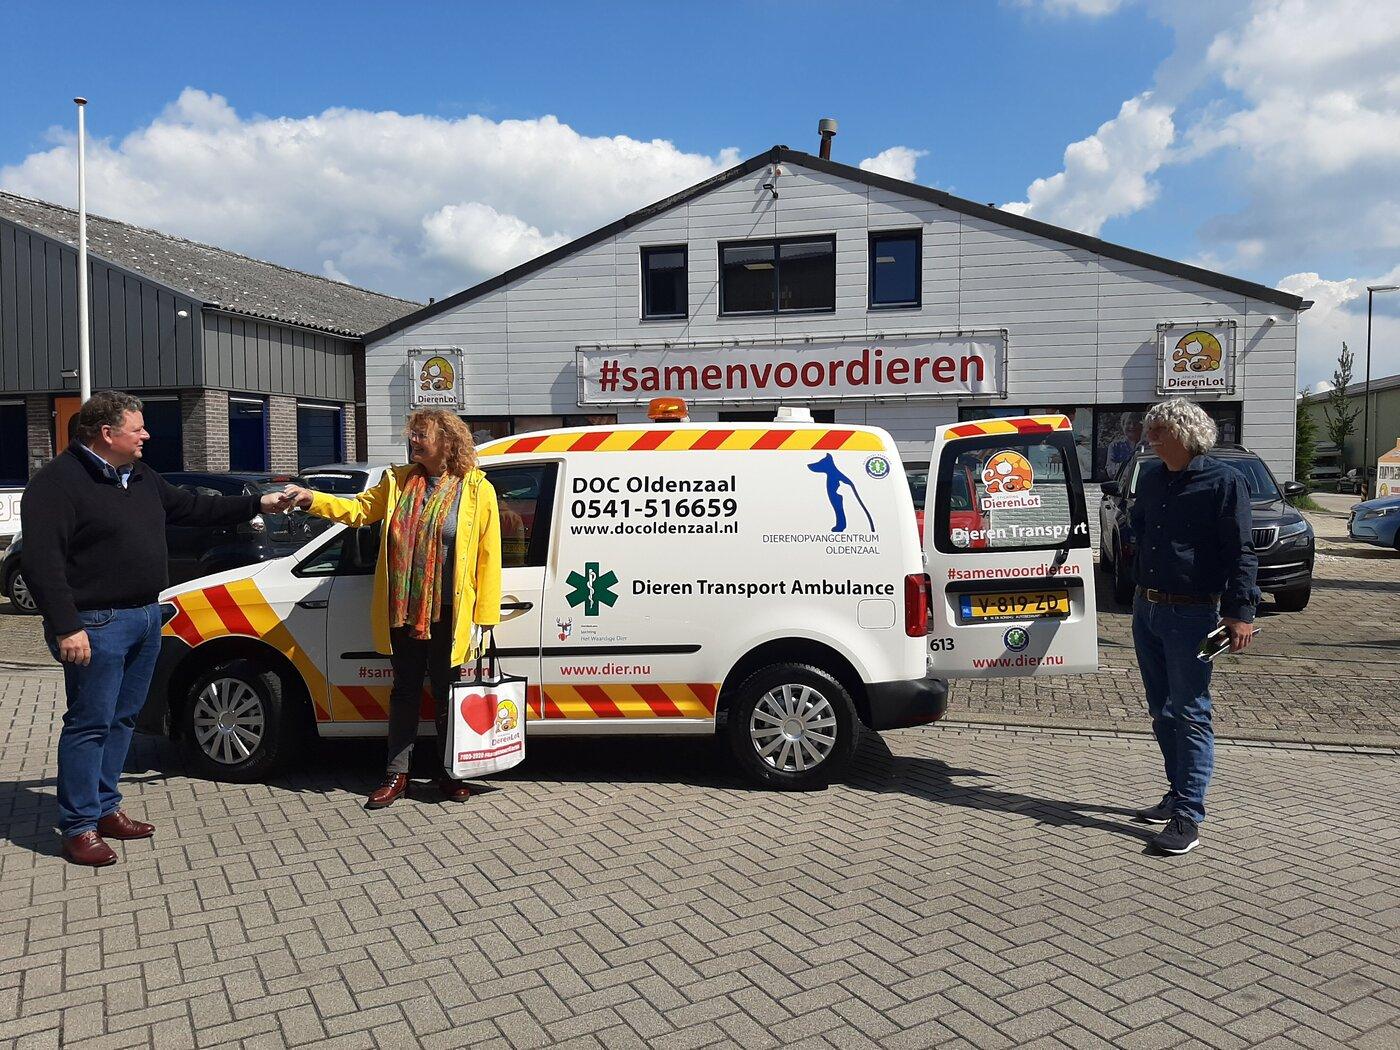 DOC Oldenzaal neemt de sleutels van de ambulance in ontvangst